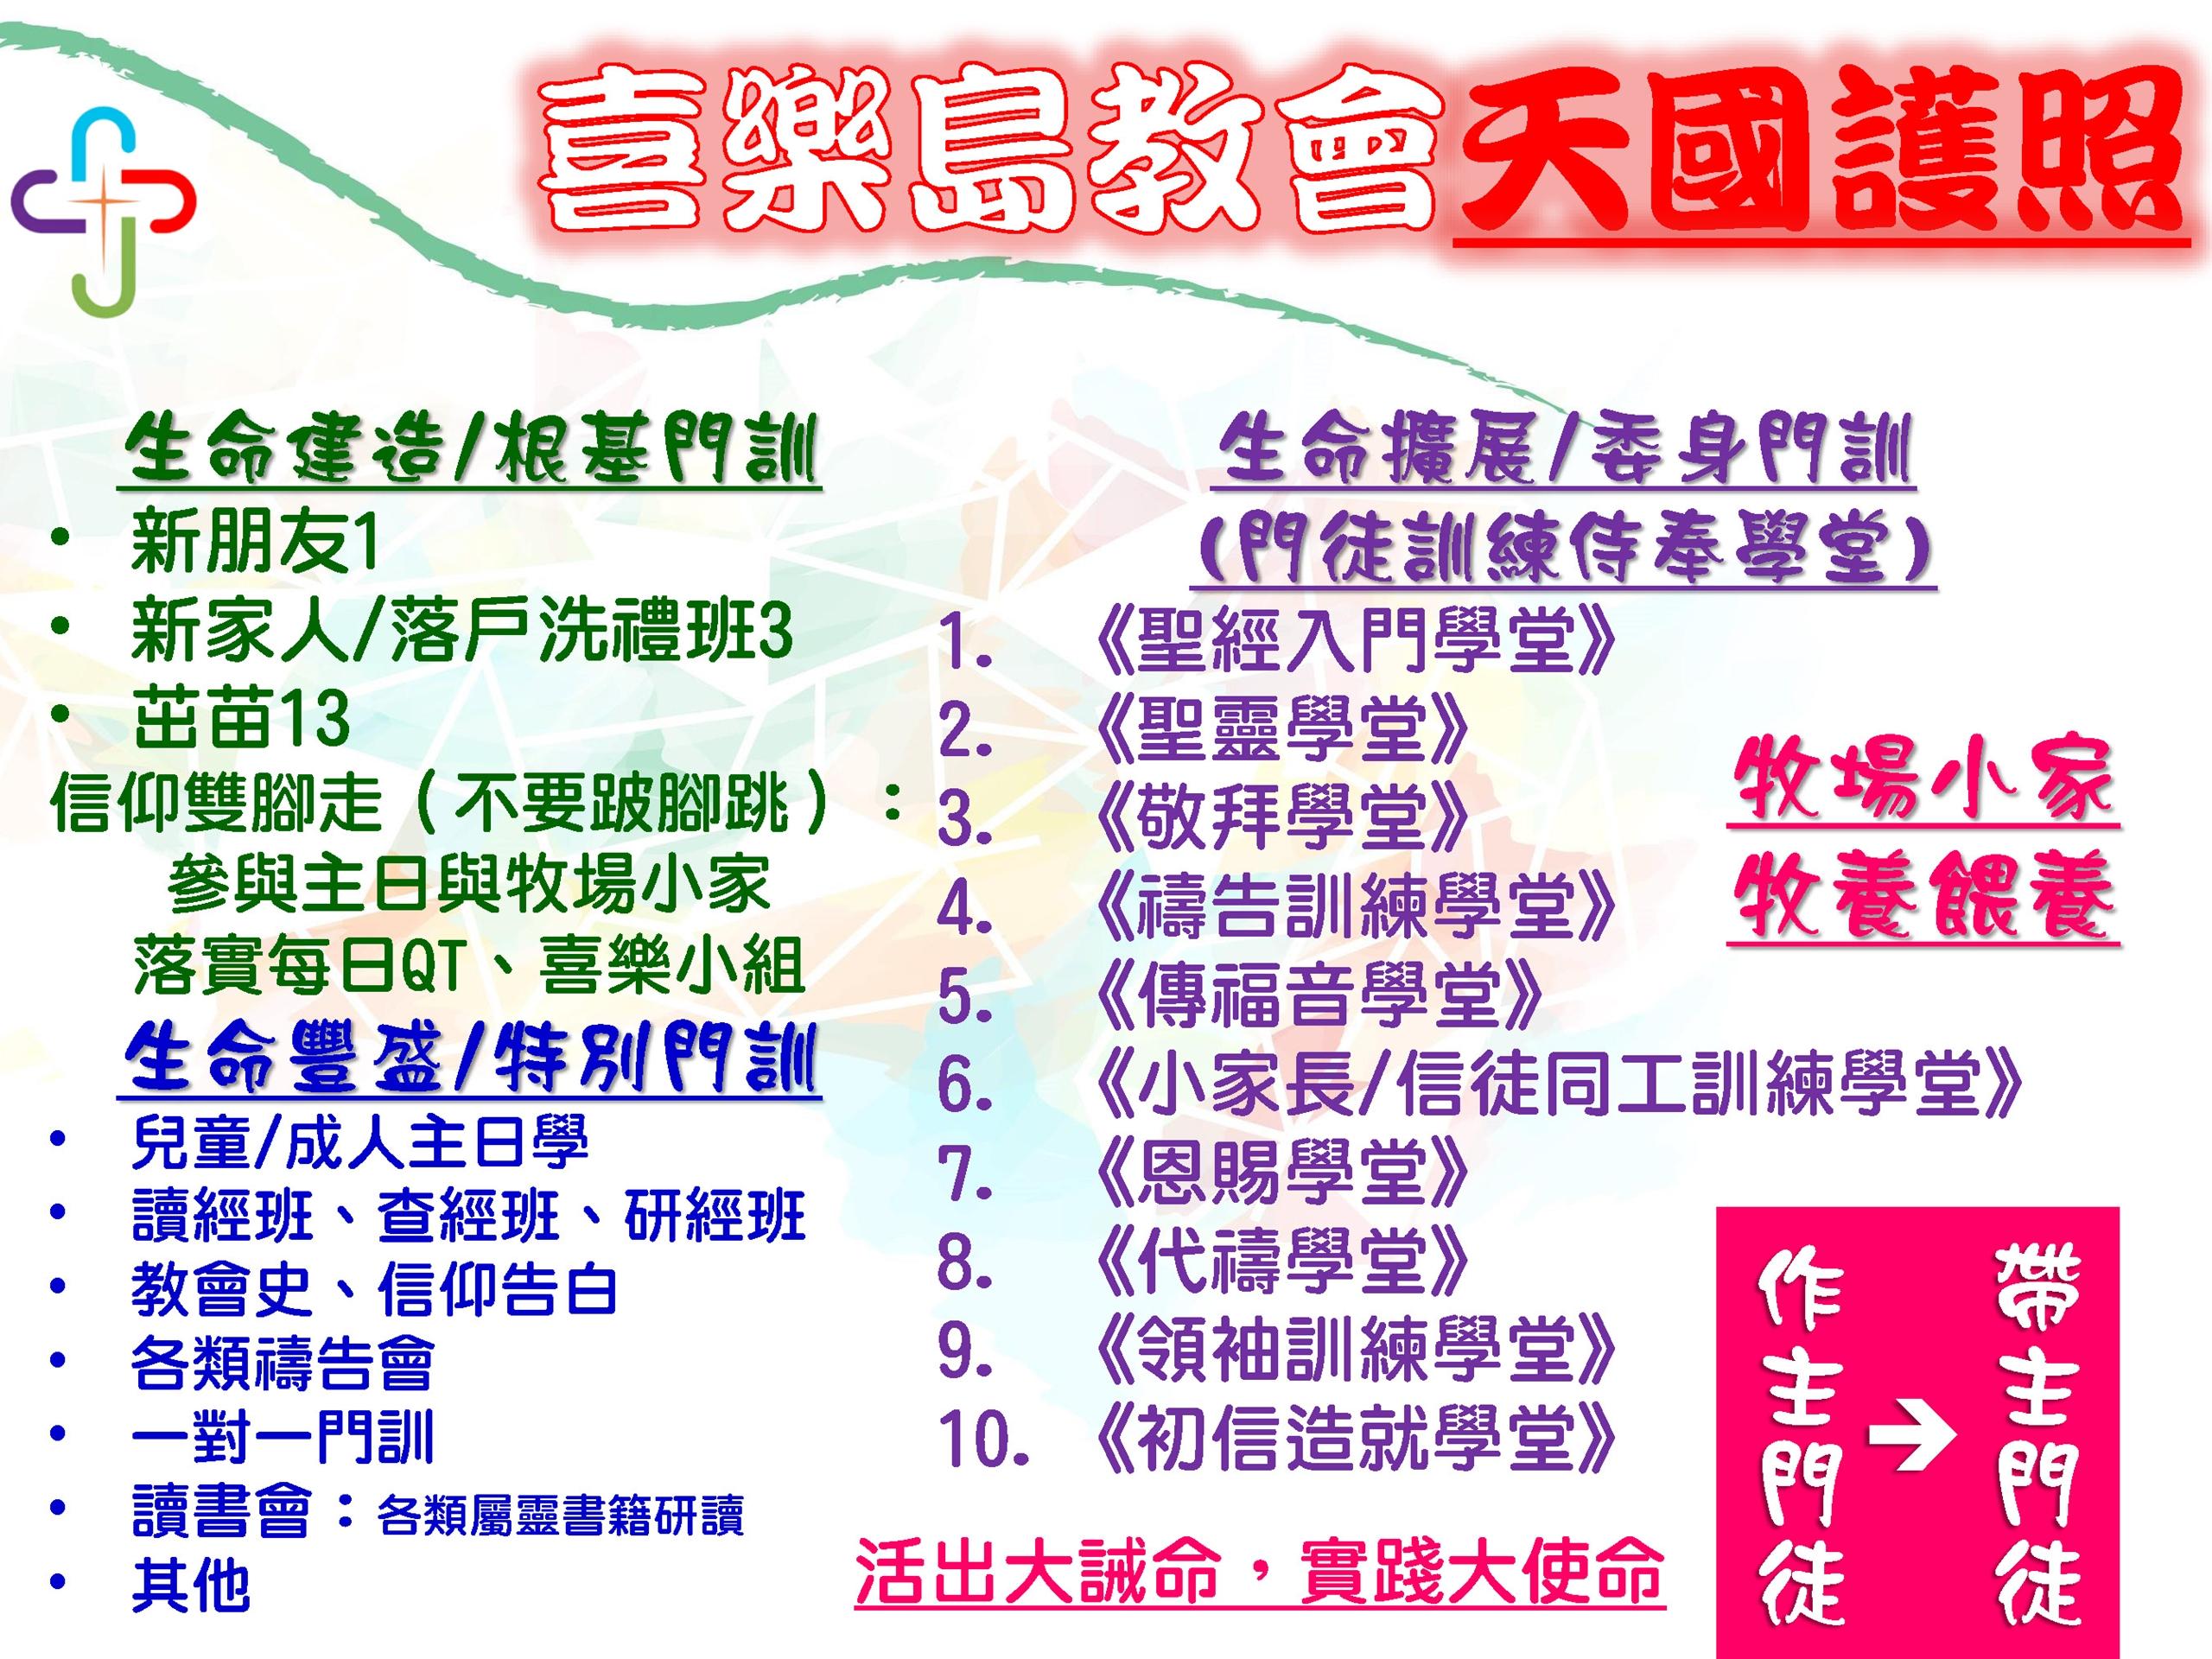 喜樂島教會天國護照_頁面_2